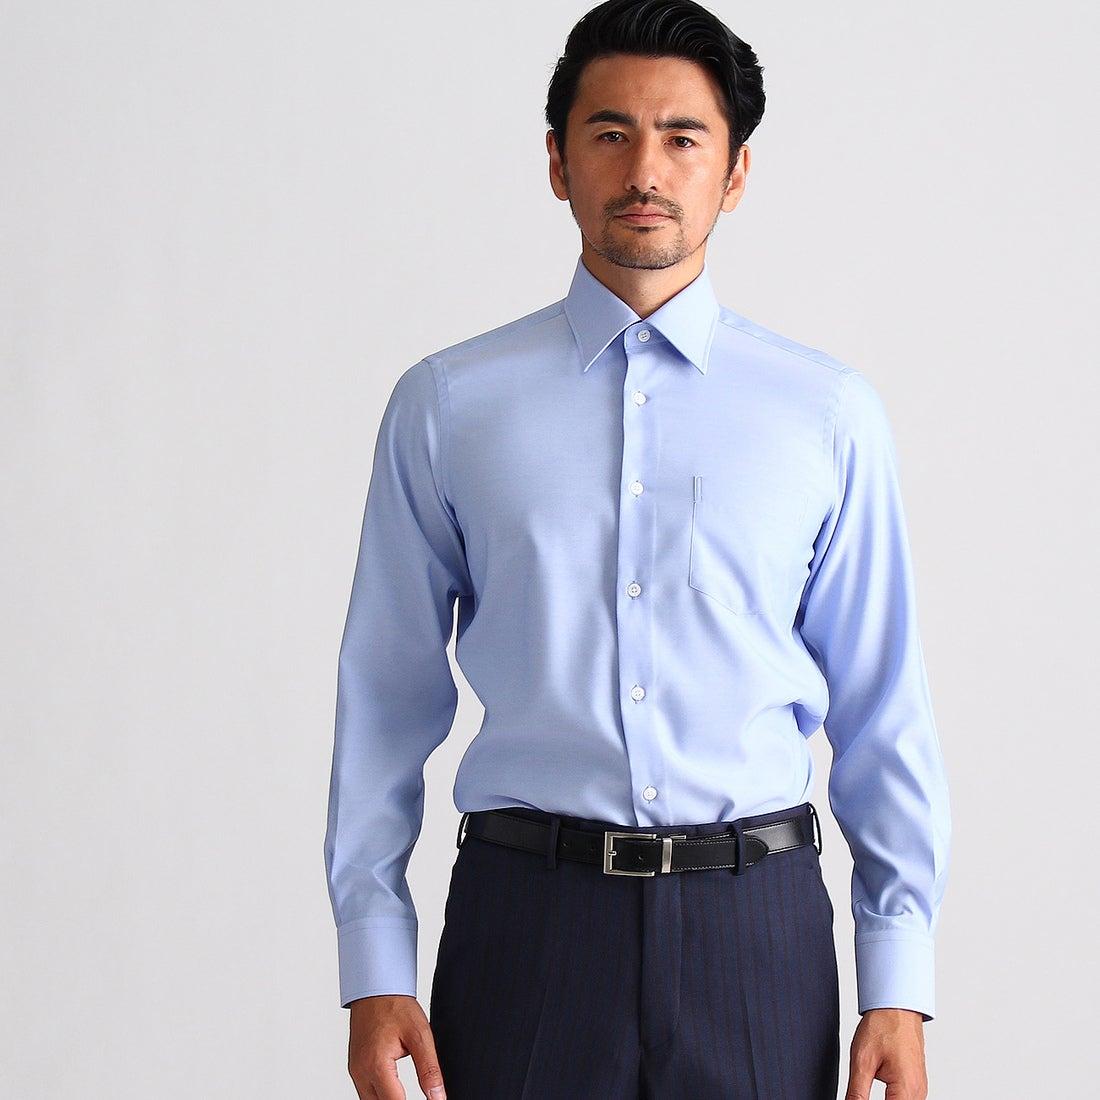 タケオ キクチ TAKEO KIKUCHI 【 洗える 】オックススーパードライシャツ [ メンズ シャツ ビジネス クールビズ ] (ライトブルー)